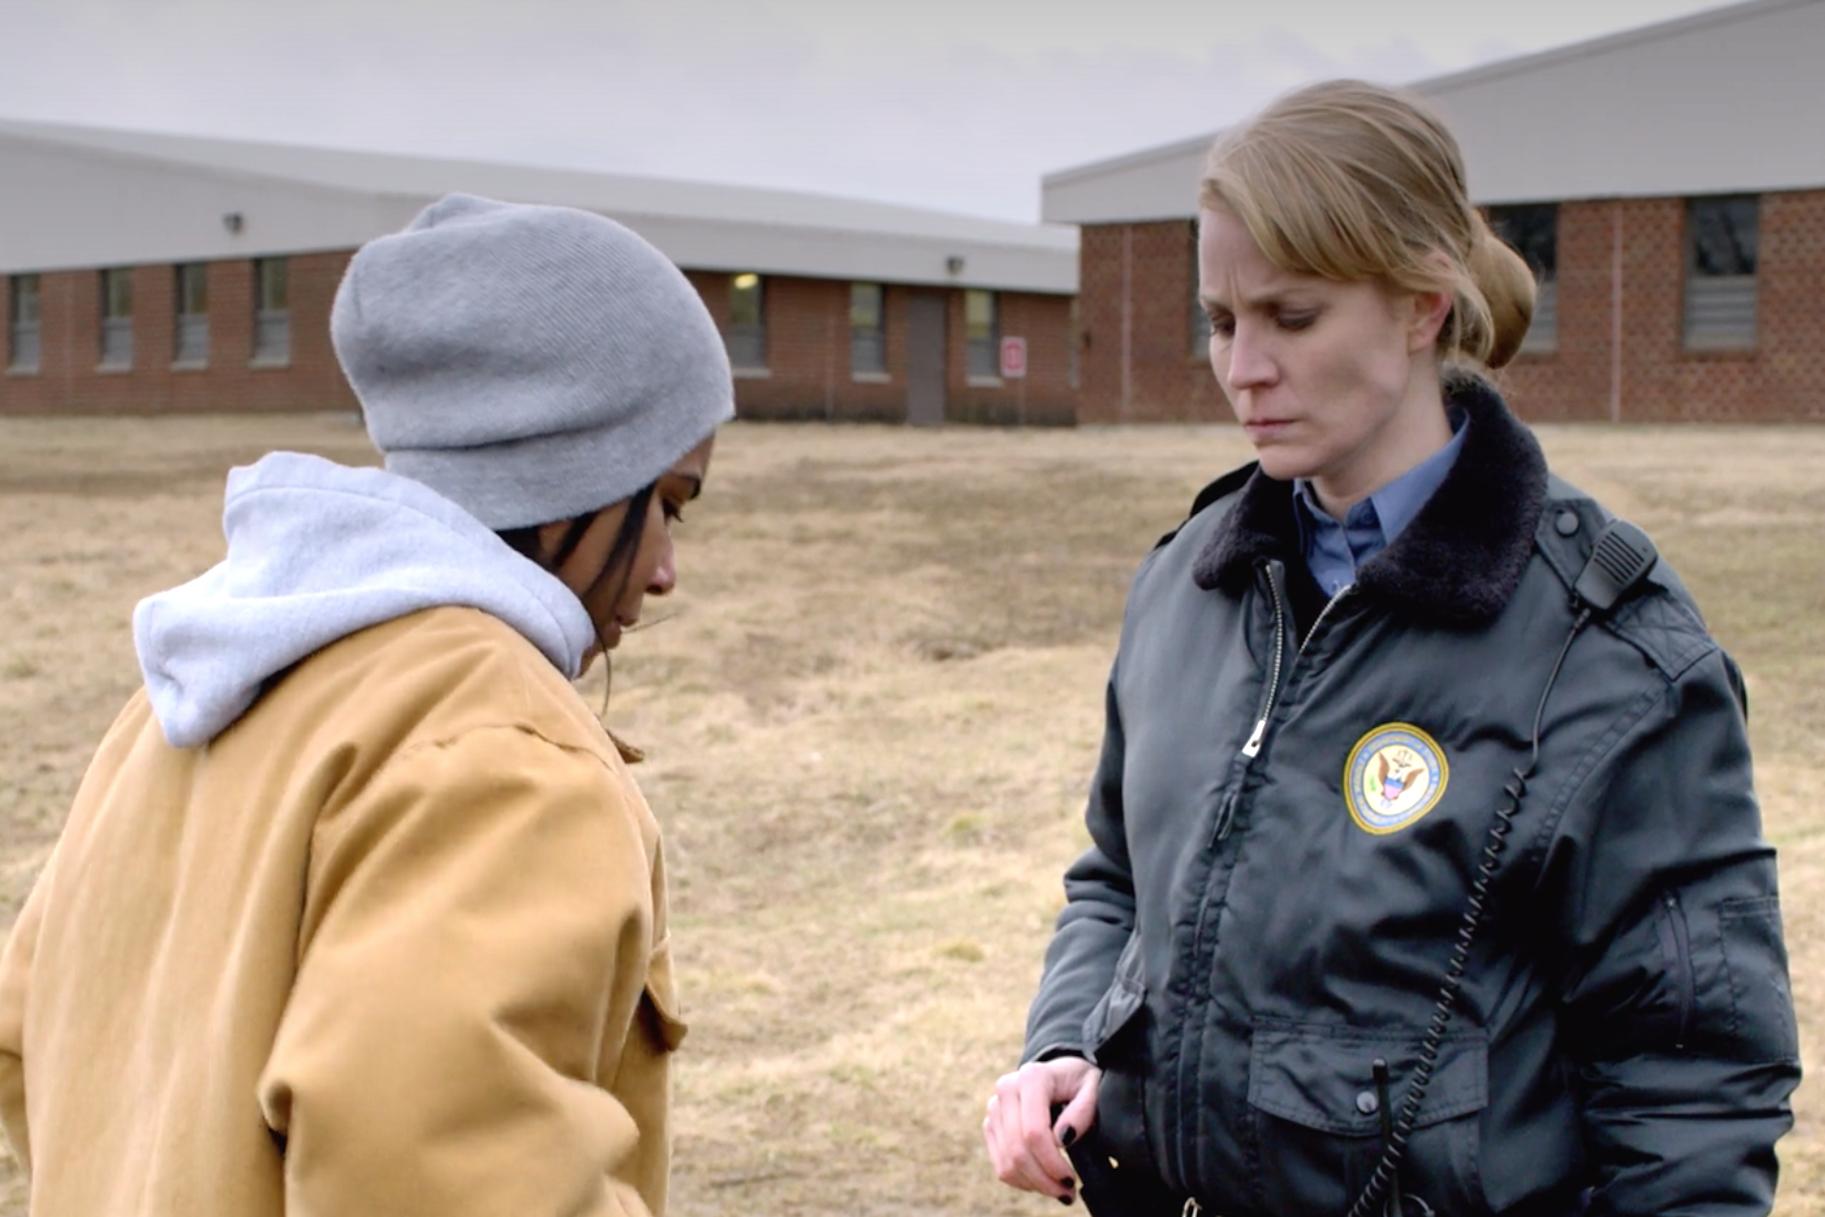 Zatvorenici nisu jedini koji se suočavaju sa zatvorskom traumom - Patnici, kao i Artesian McCullough iz filma 'Naranča je nova crna', također pate